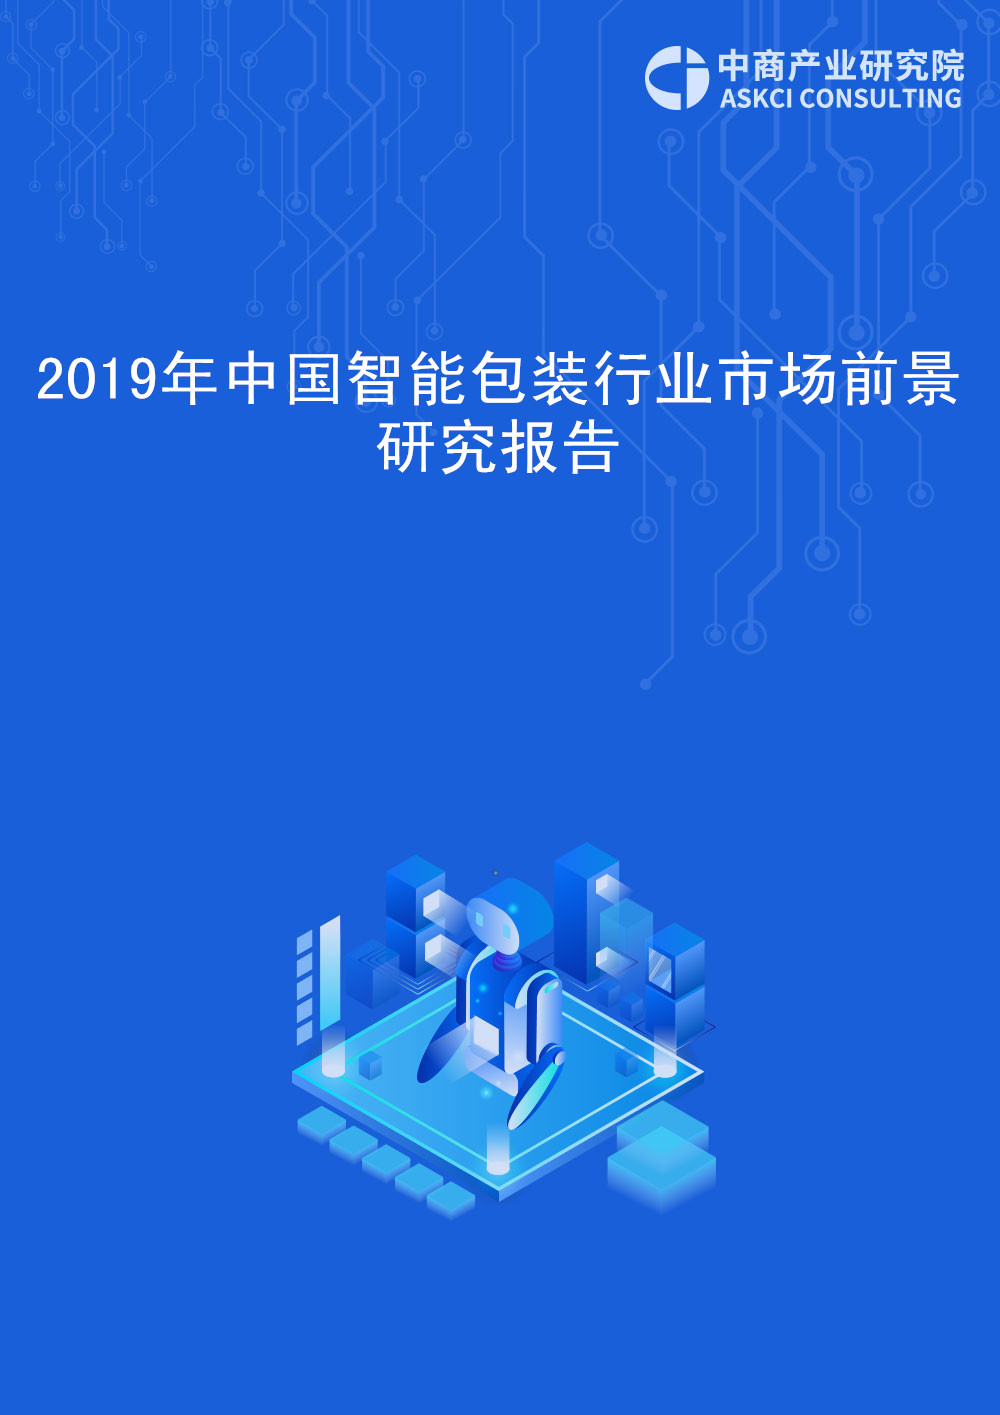 2019年中国智能包装行业市场前景研究报告